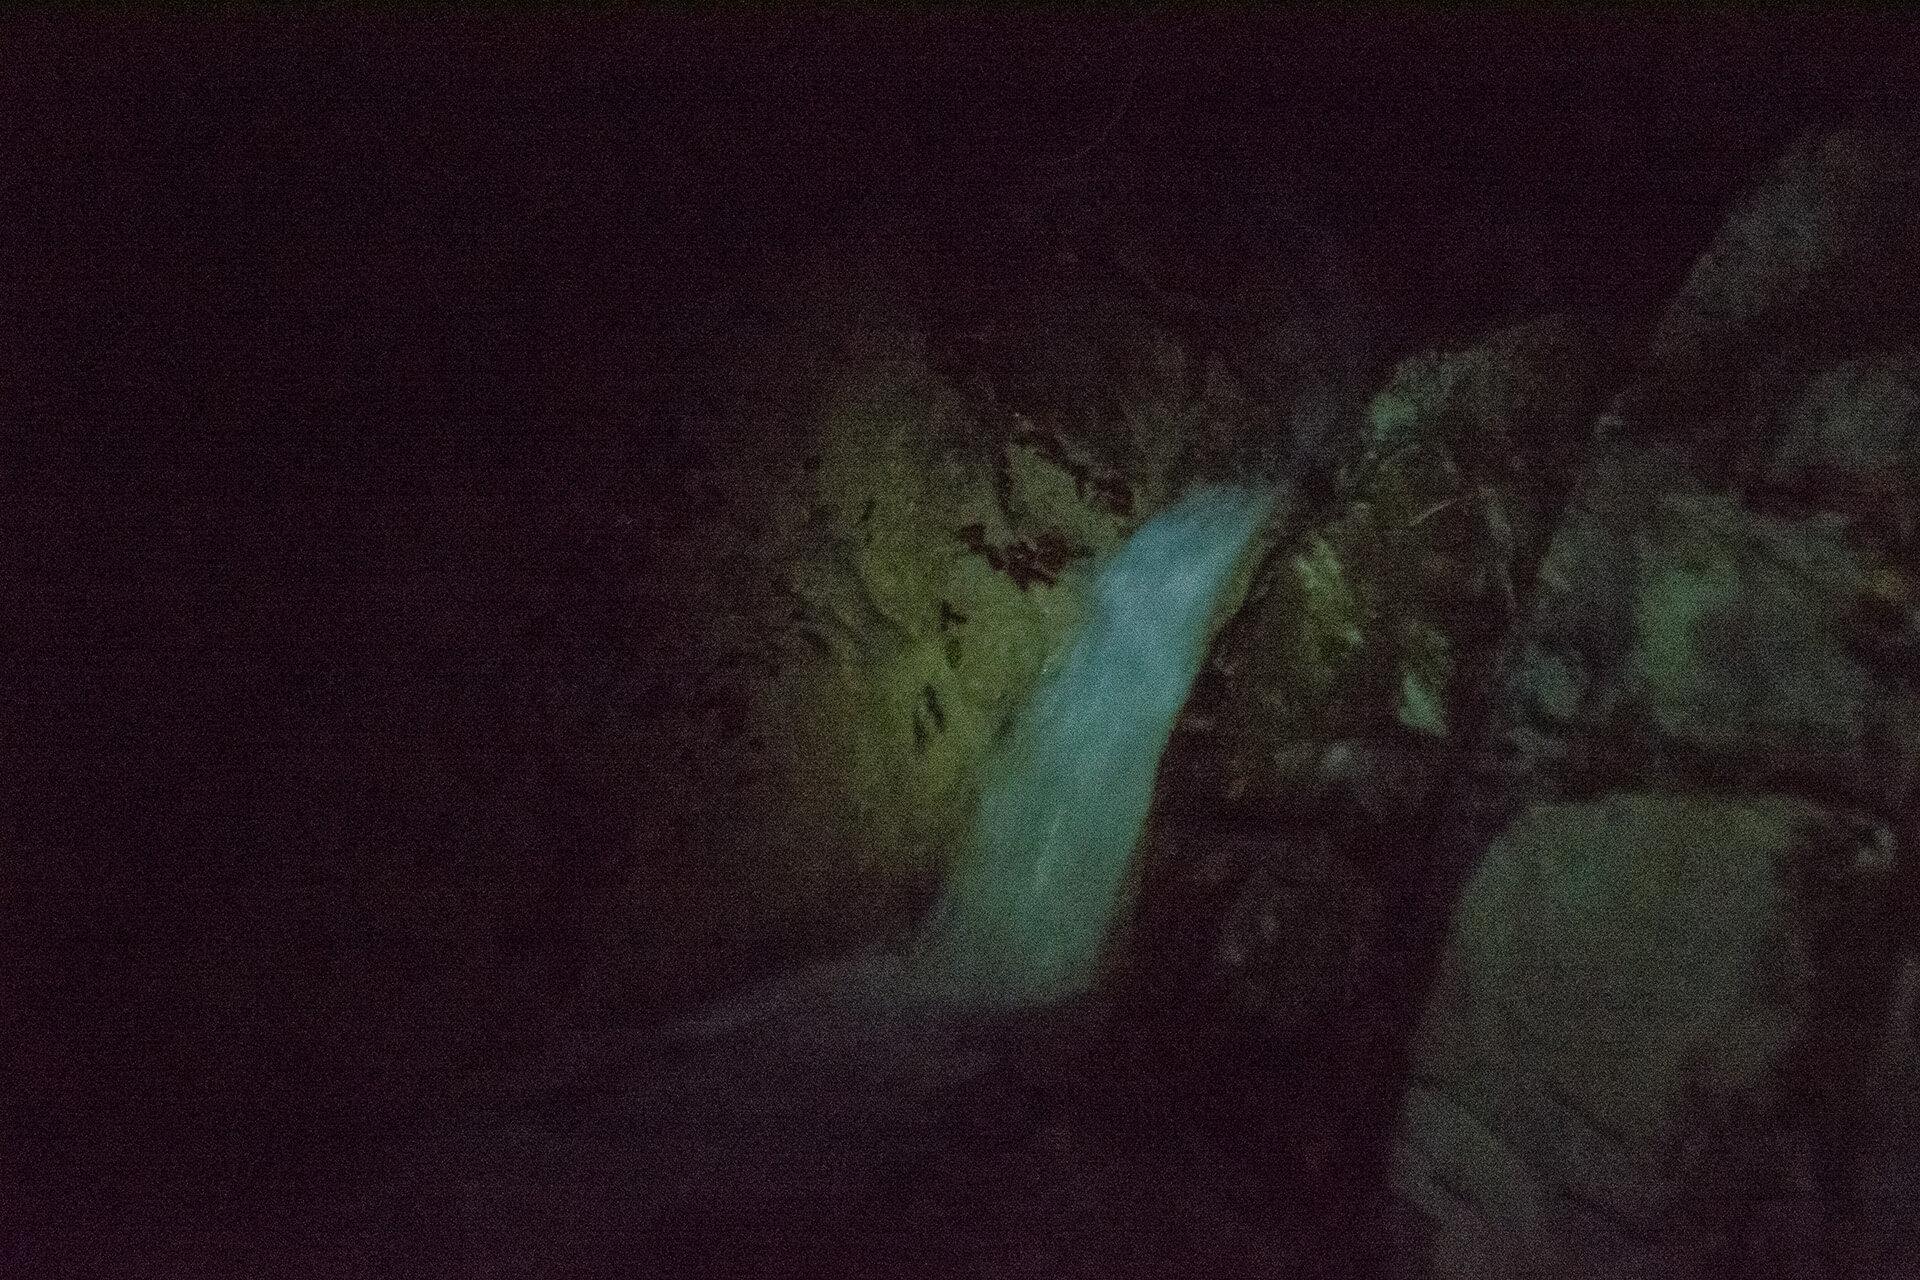 Седьмой водопад на реке Грязной